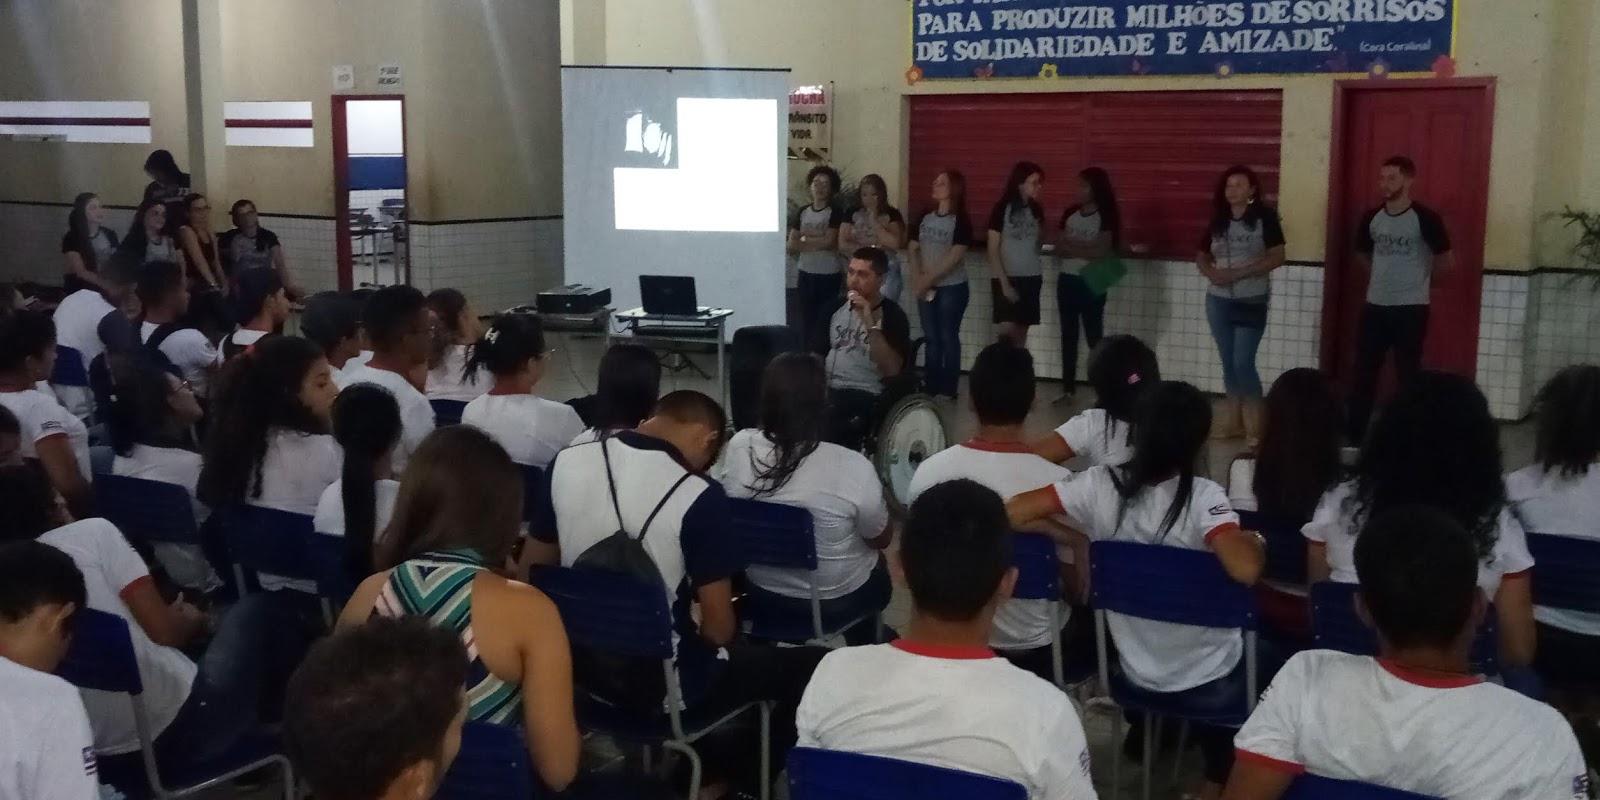 Curso de Serviço Social da UNICENTRO promove palestra sobre prevenção ao  uso de drogas para alunos da Escola Professor Galeno Brandes 51522a75d2